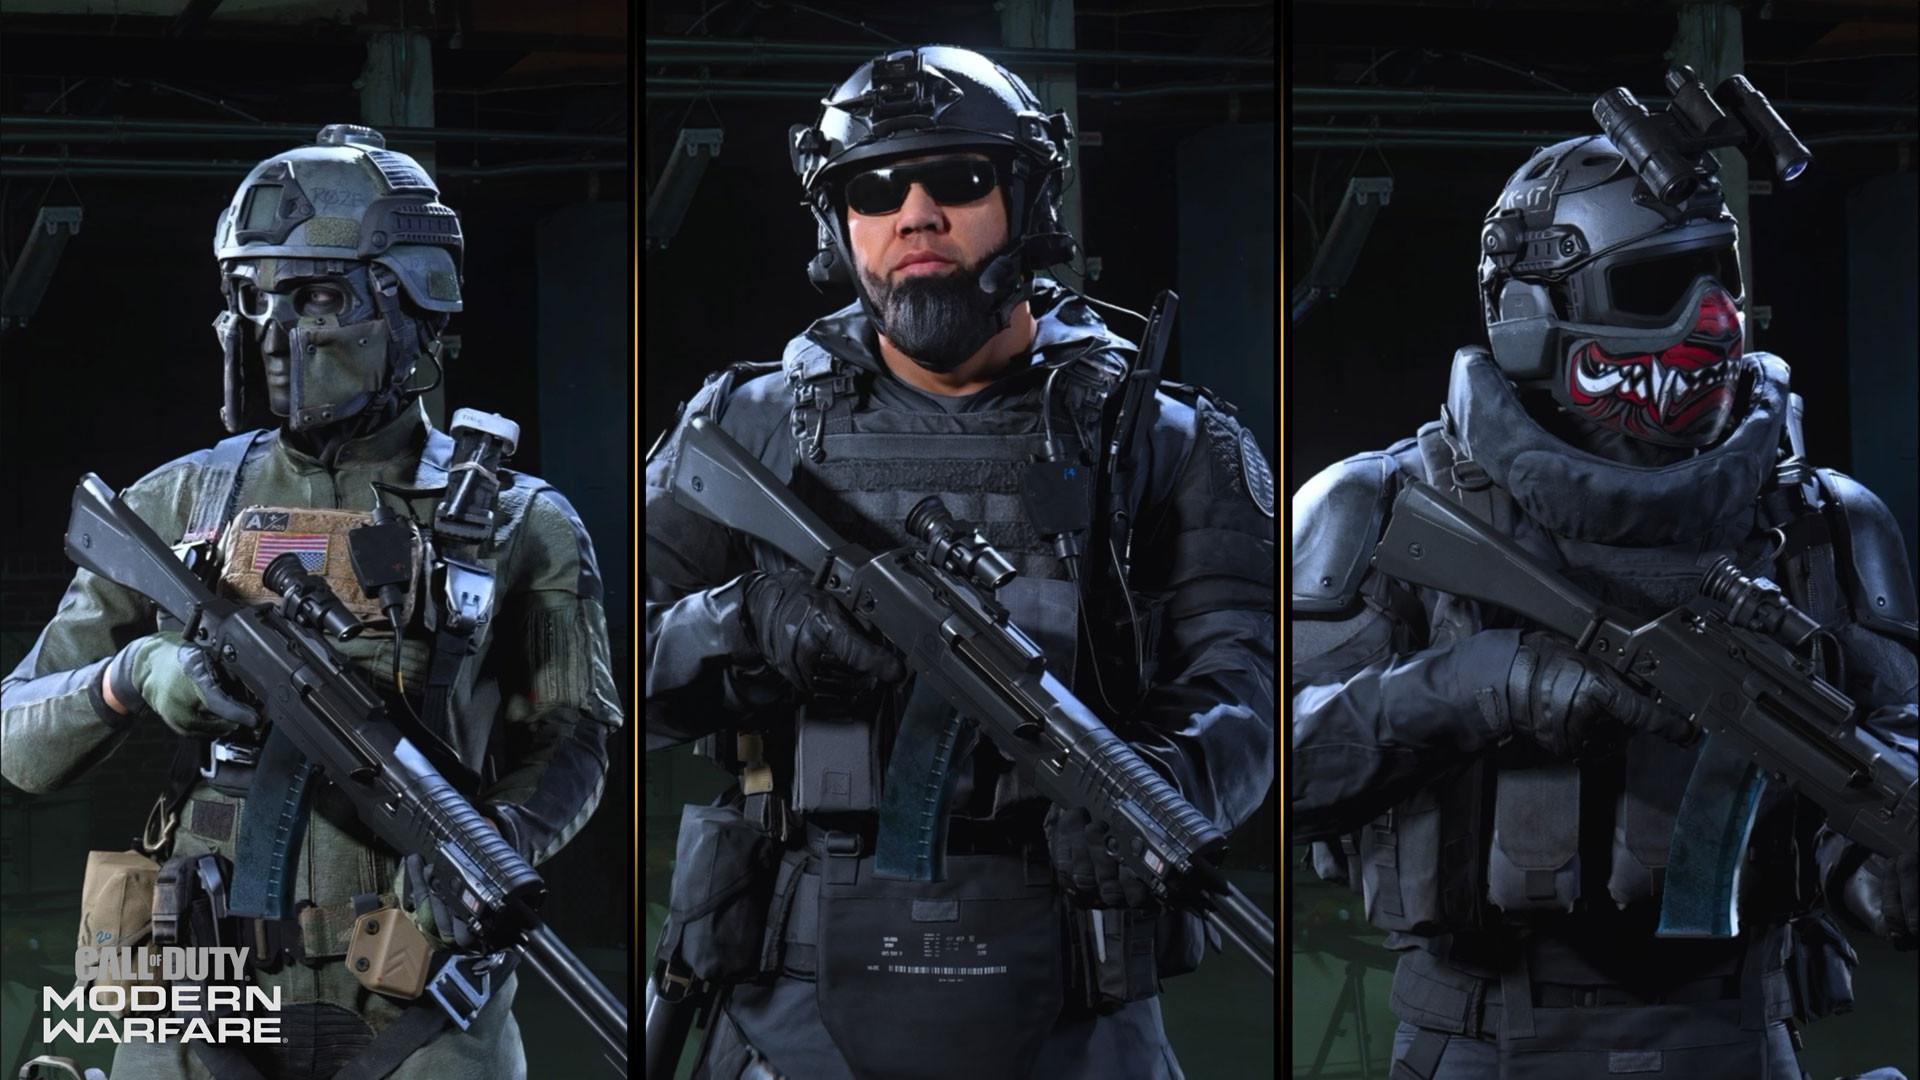 В пятом сезоне Call of Duty: Warzone появится теневая фракция — видеотизер [Игры]